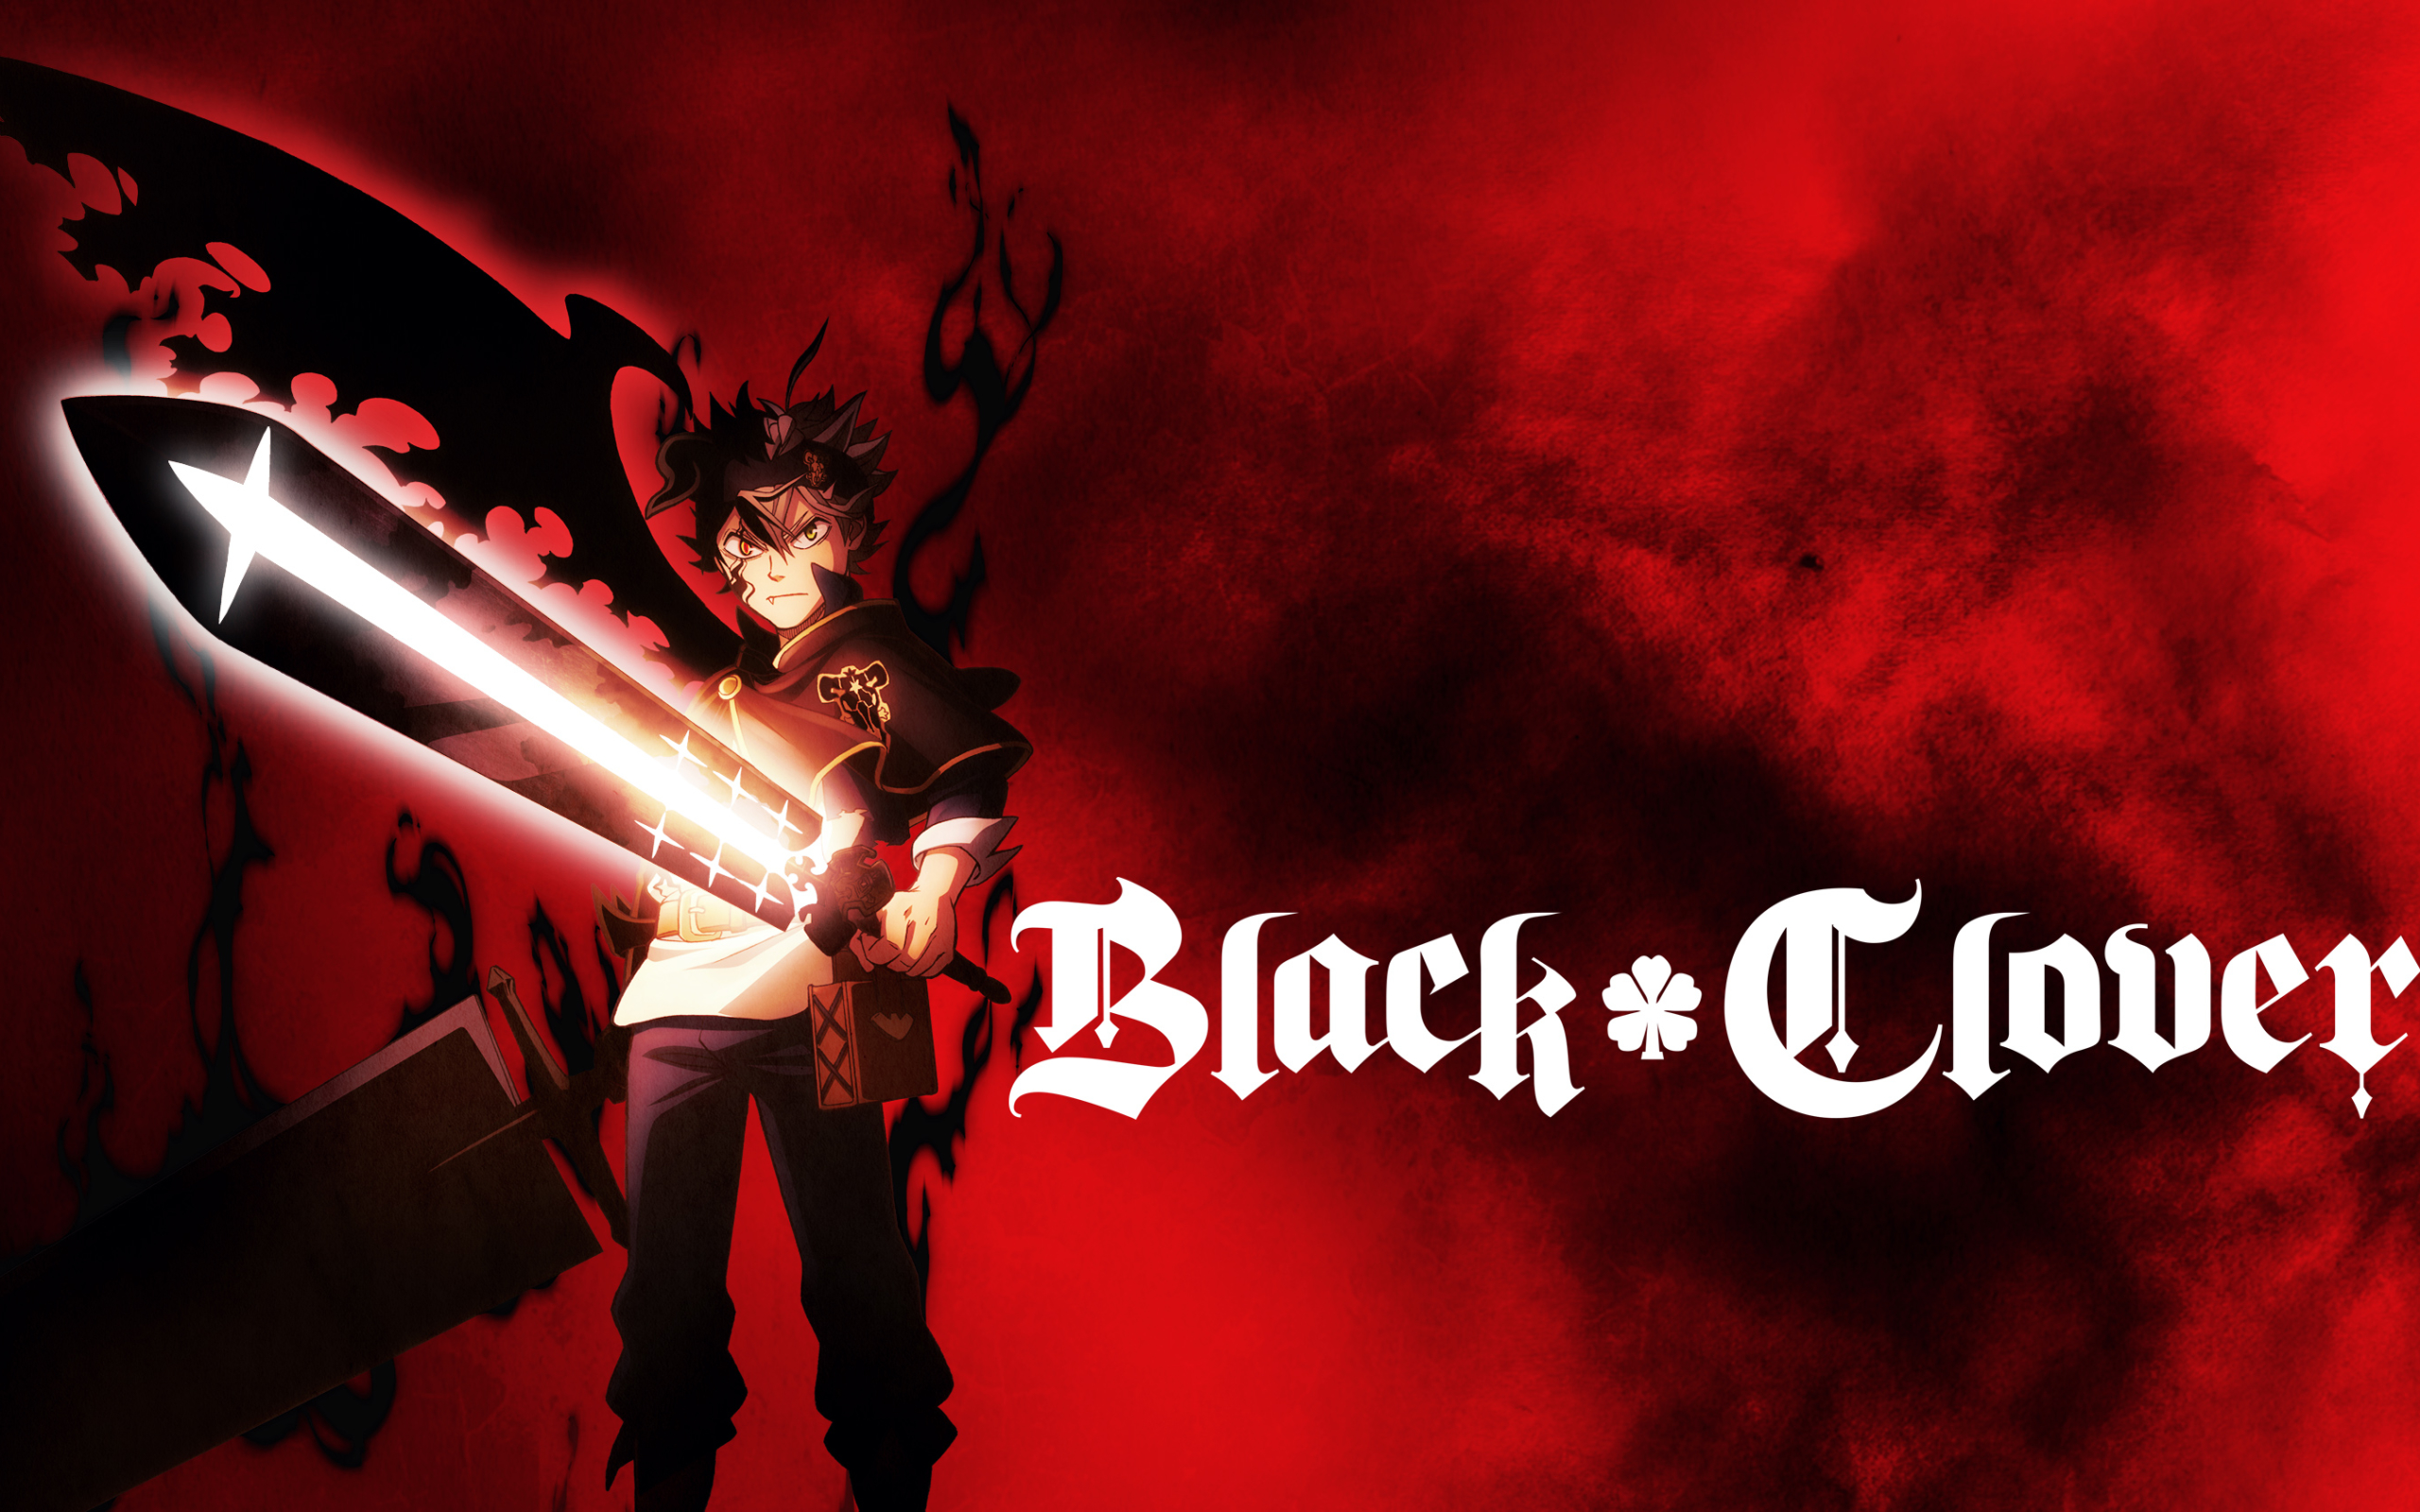 Asta, Black Clover, Anime, Sword, Demon Wallpaper - Black ...